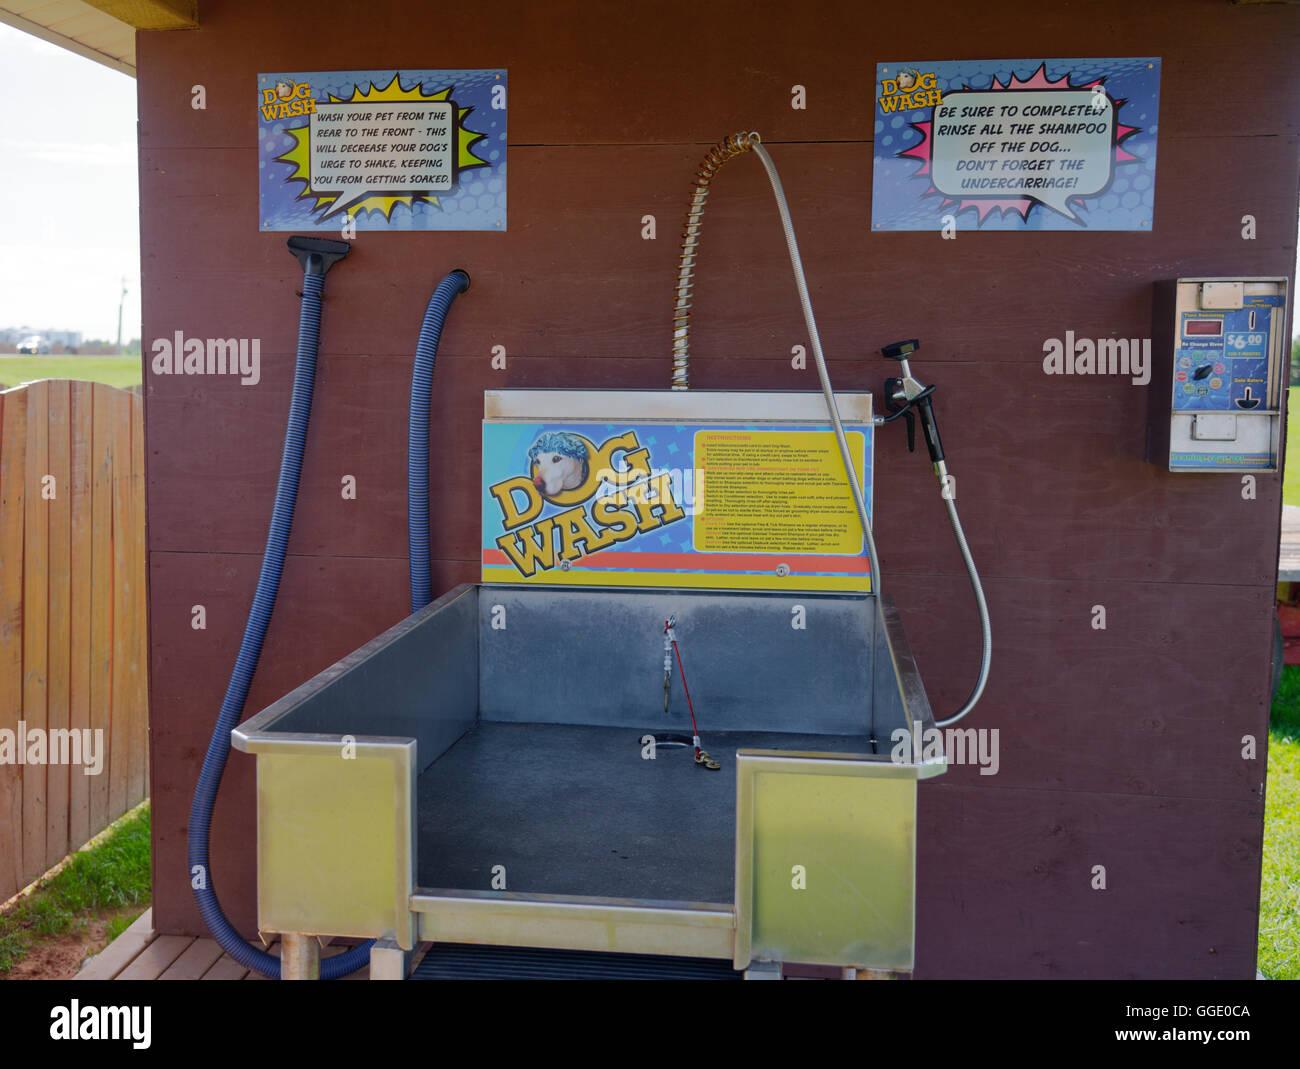 Dog wash station - Stock Image